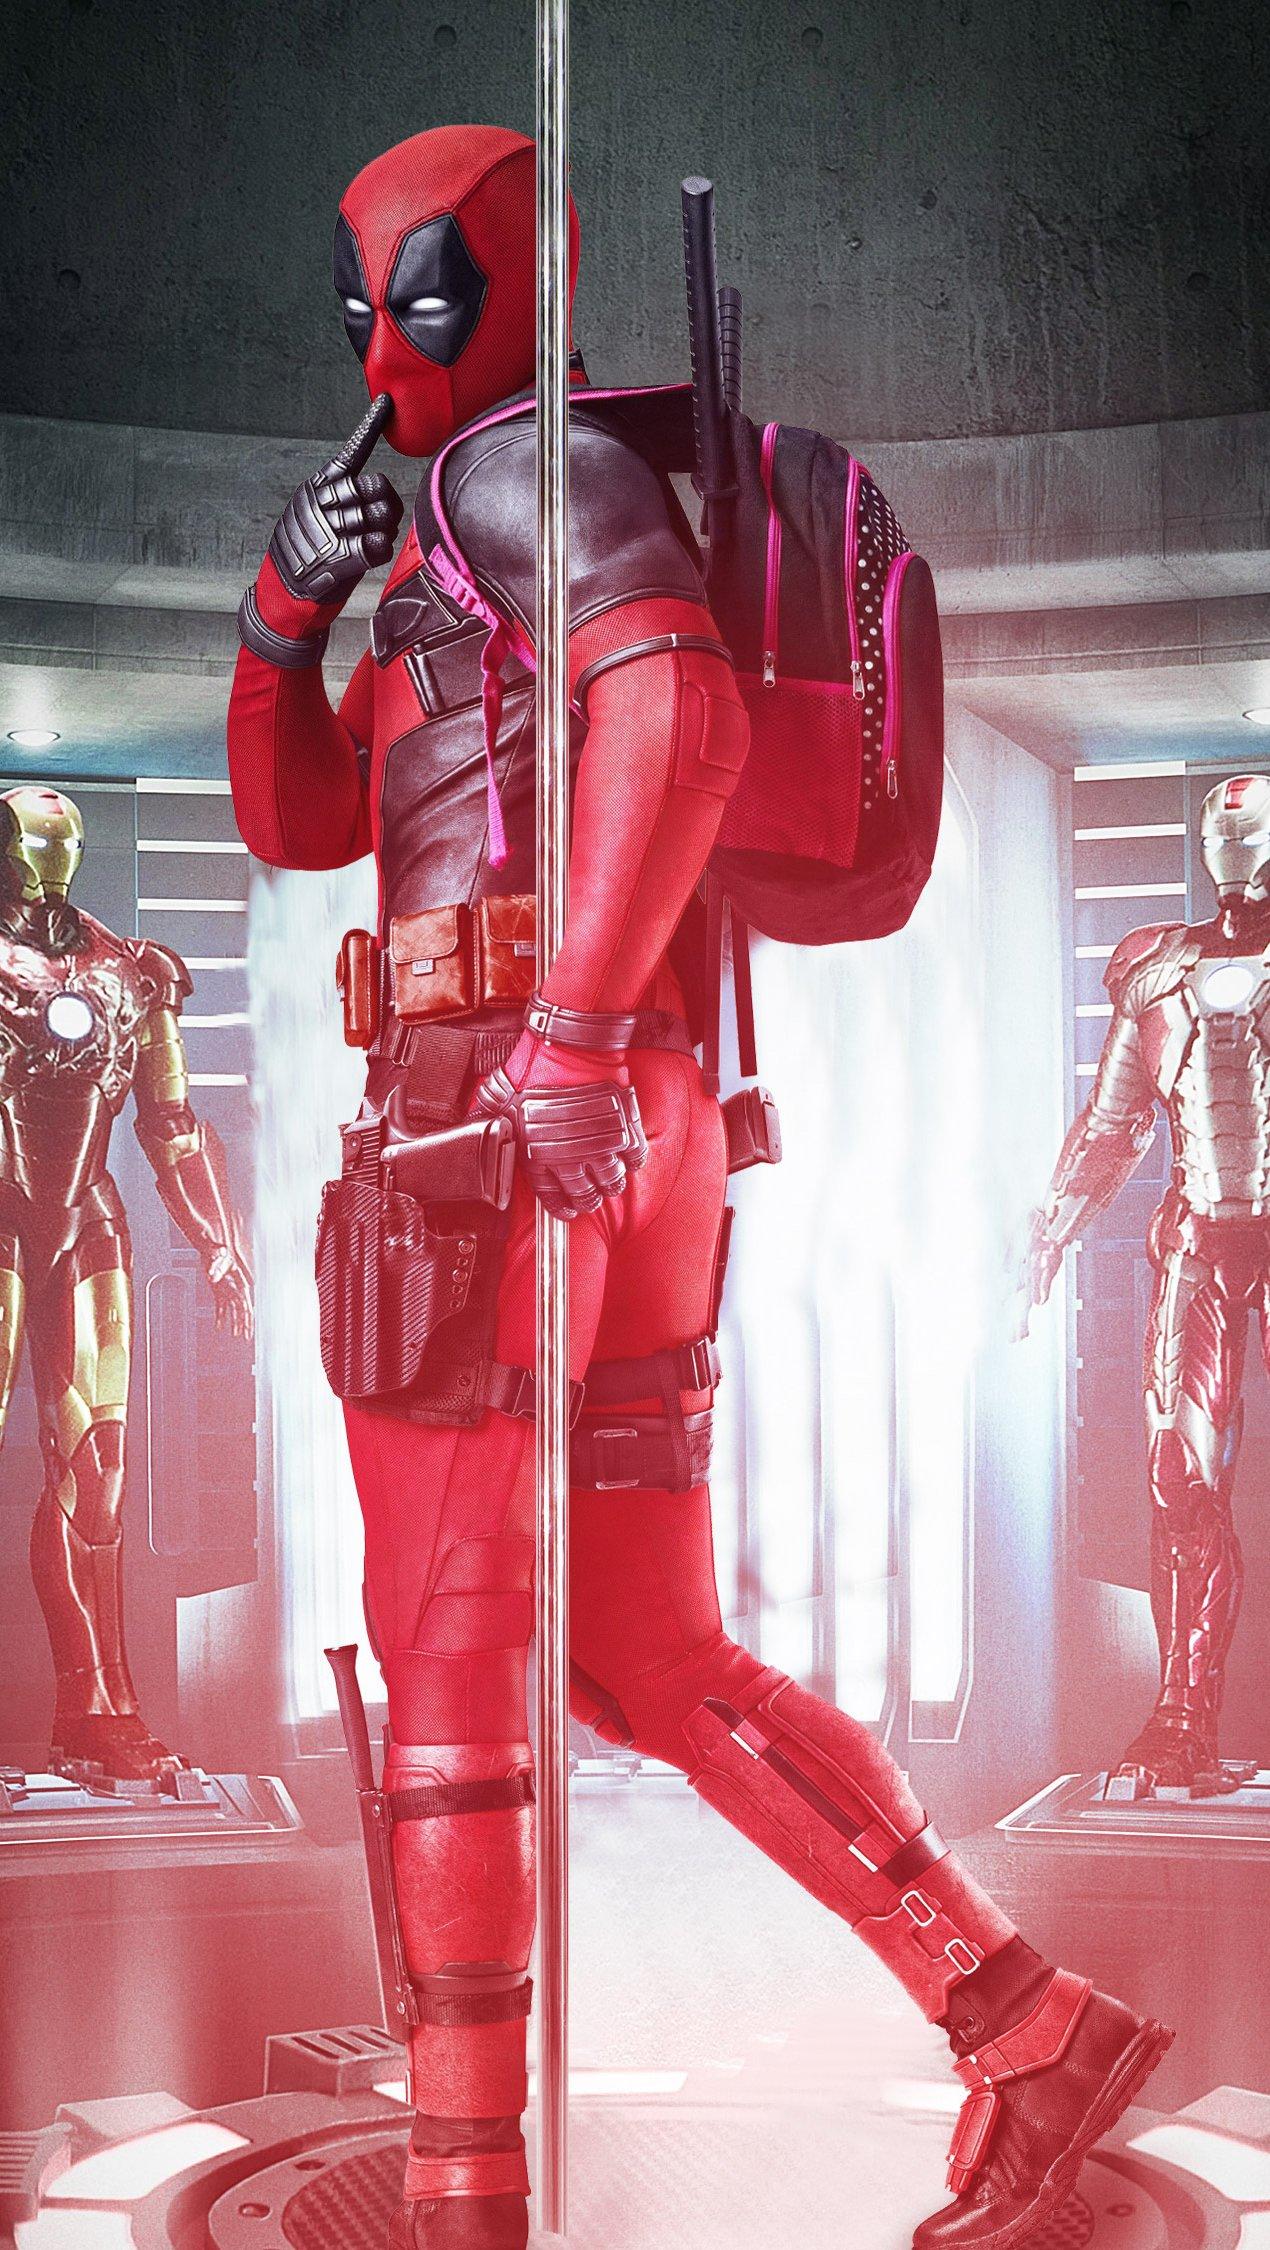 Wallpaper Deadpool with Iron Man's Armors Fanart Vertical